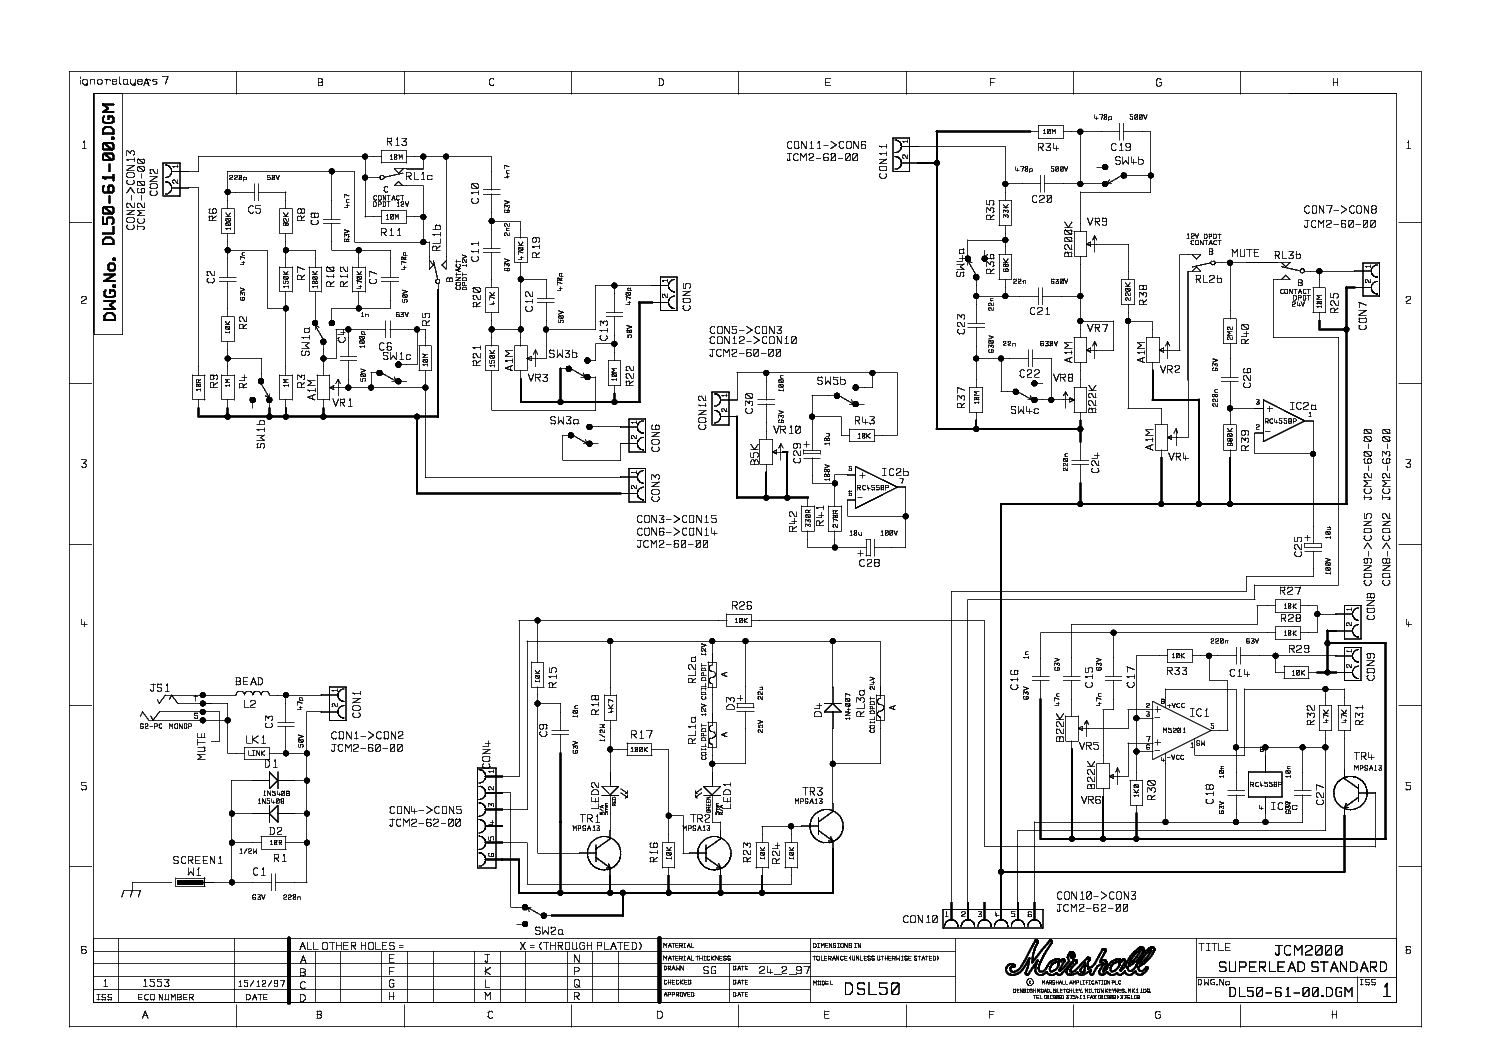 Dsl40c Wiring Diagram | Wiring Diagram on